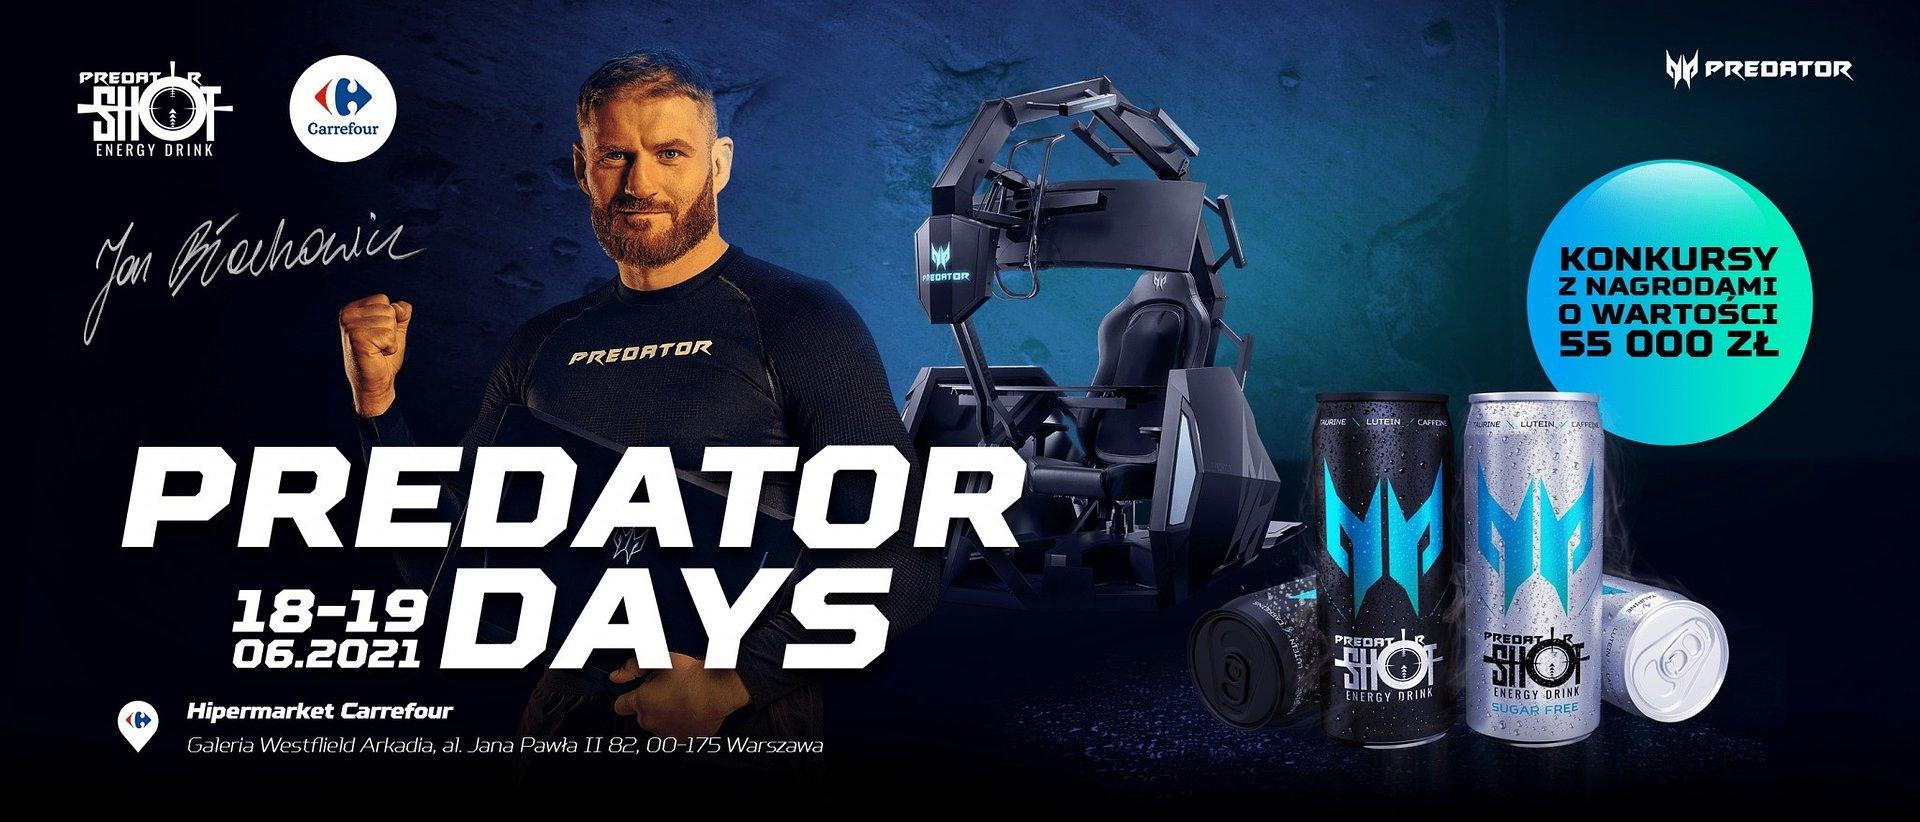 Predator Days: Zagraj z Janem Błachowiczem i zdobądź sprzęt gamingowy marki Predator